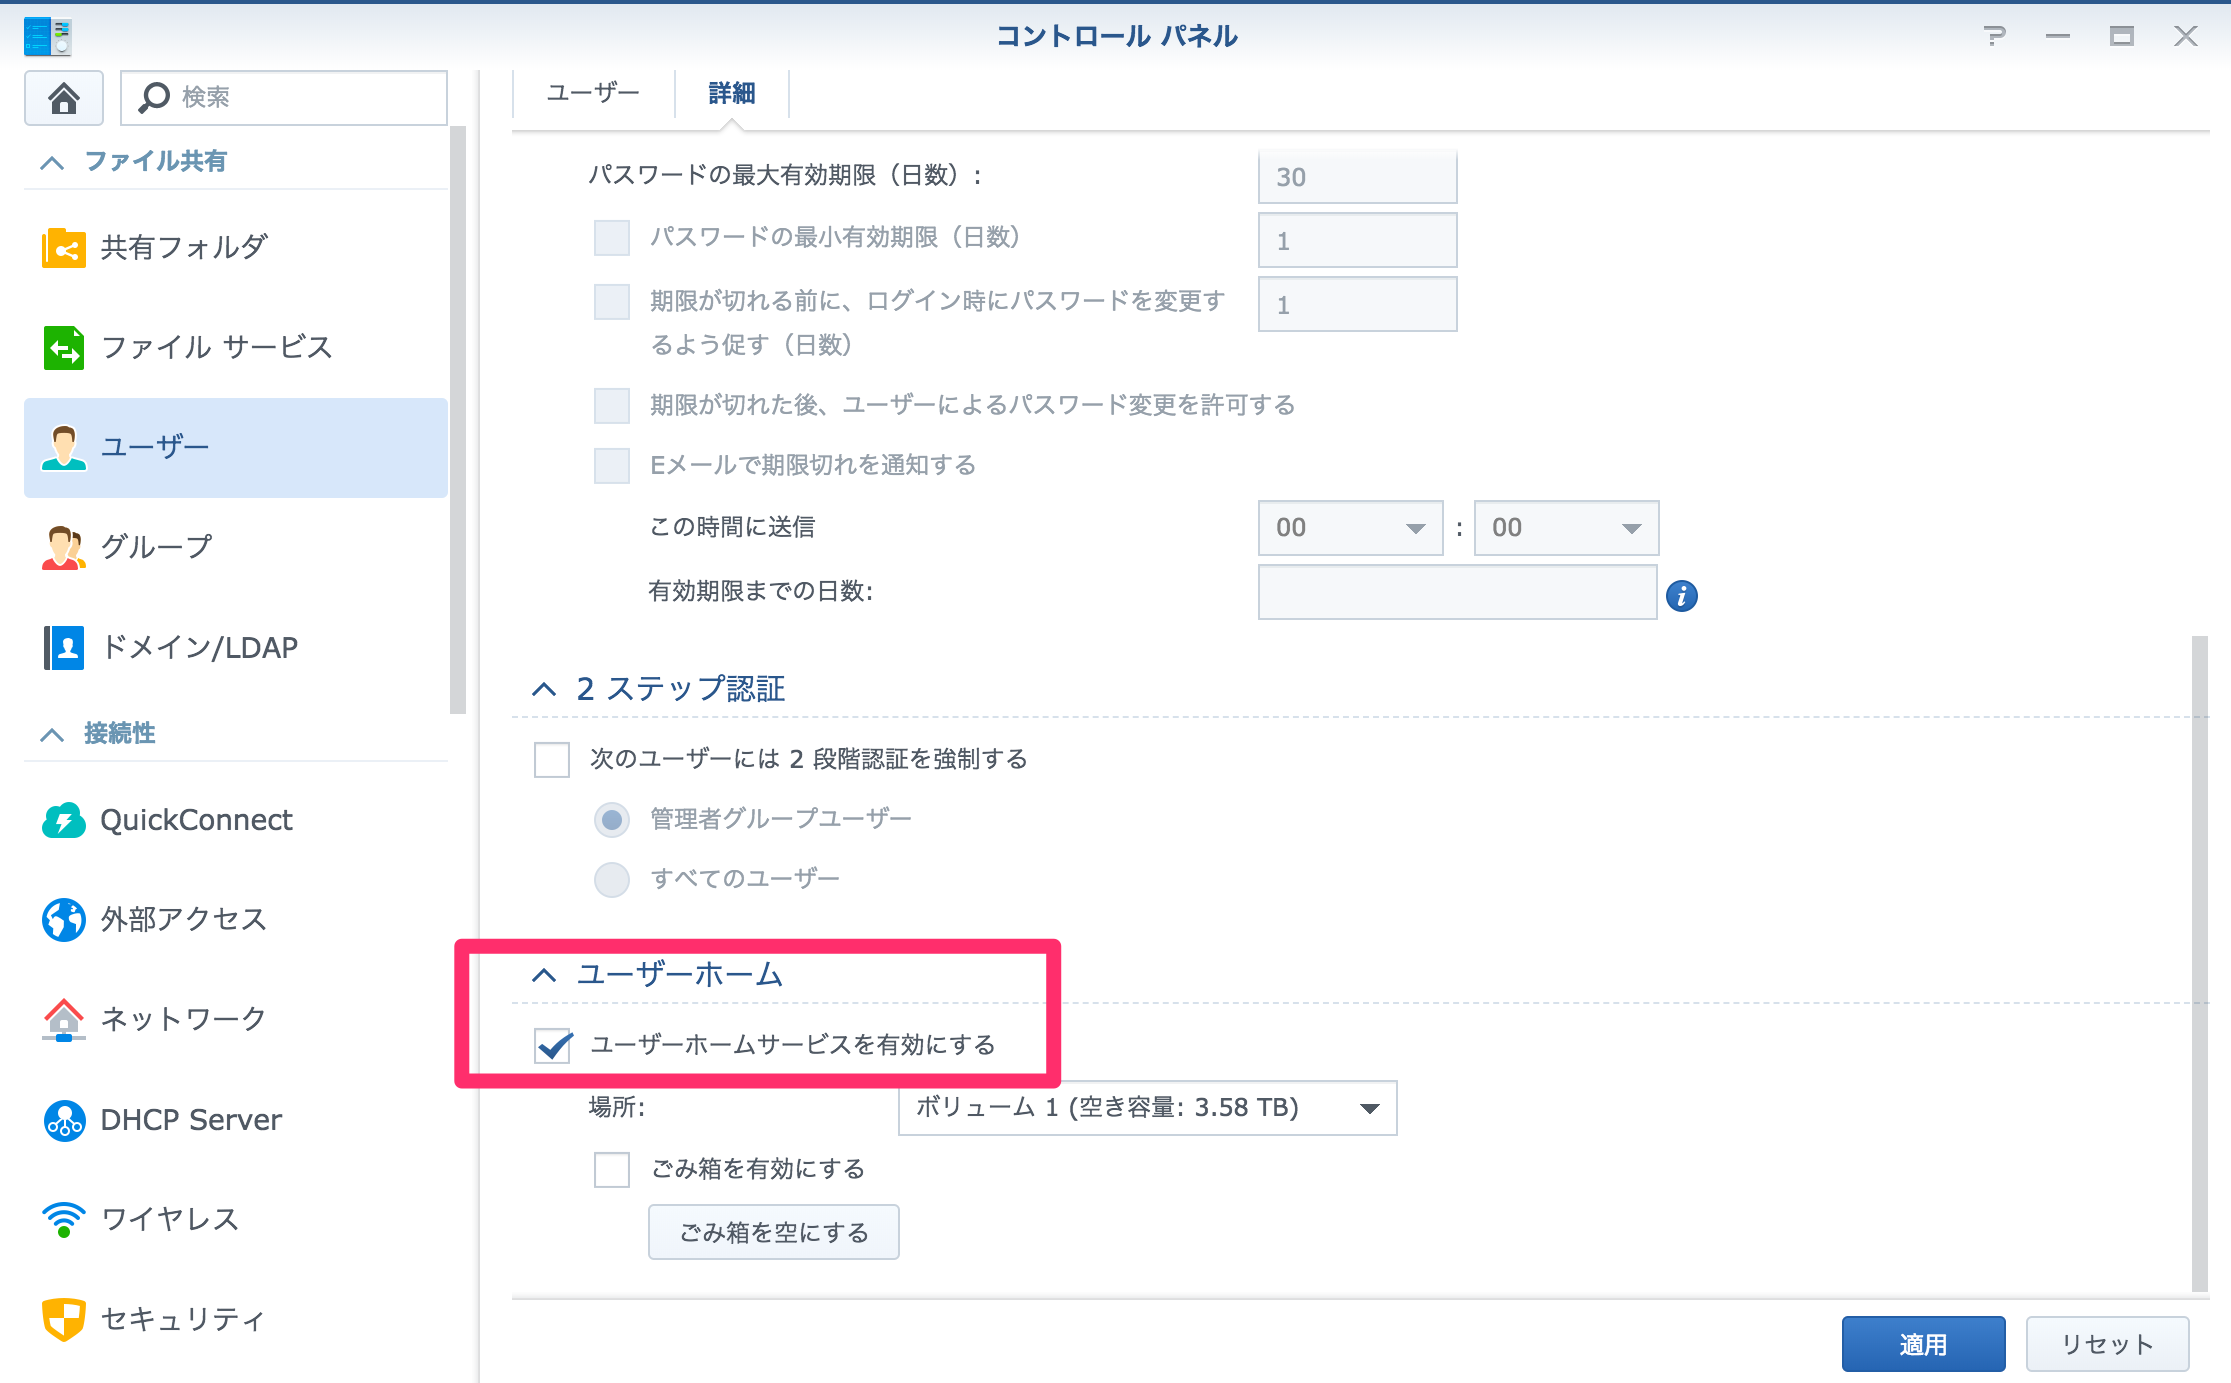 02_userhome.png